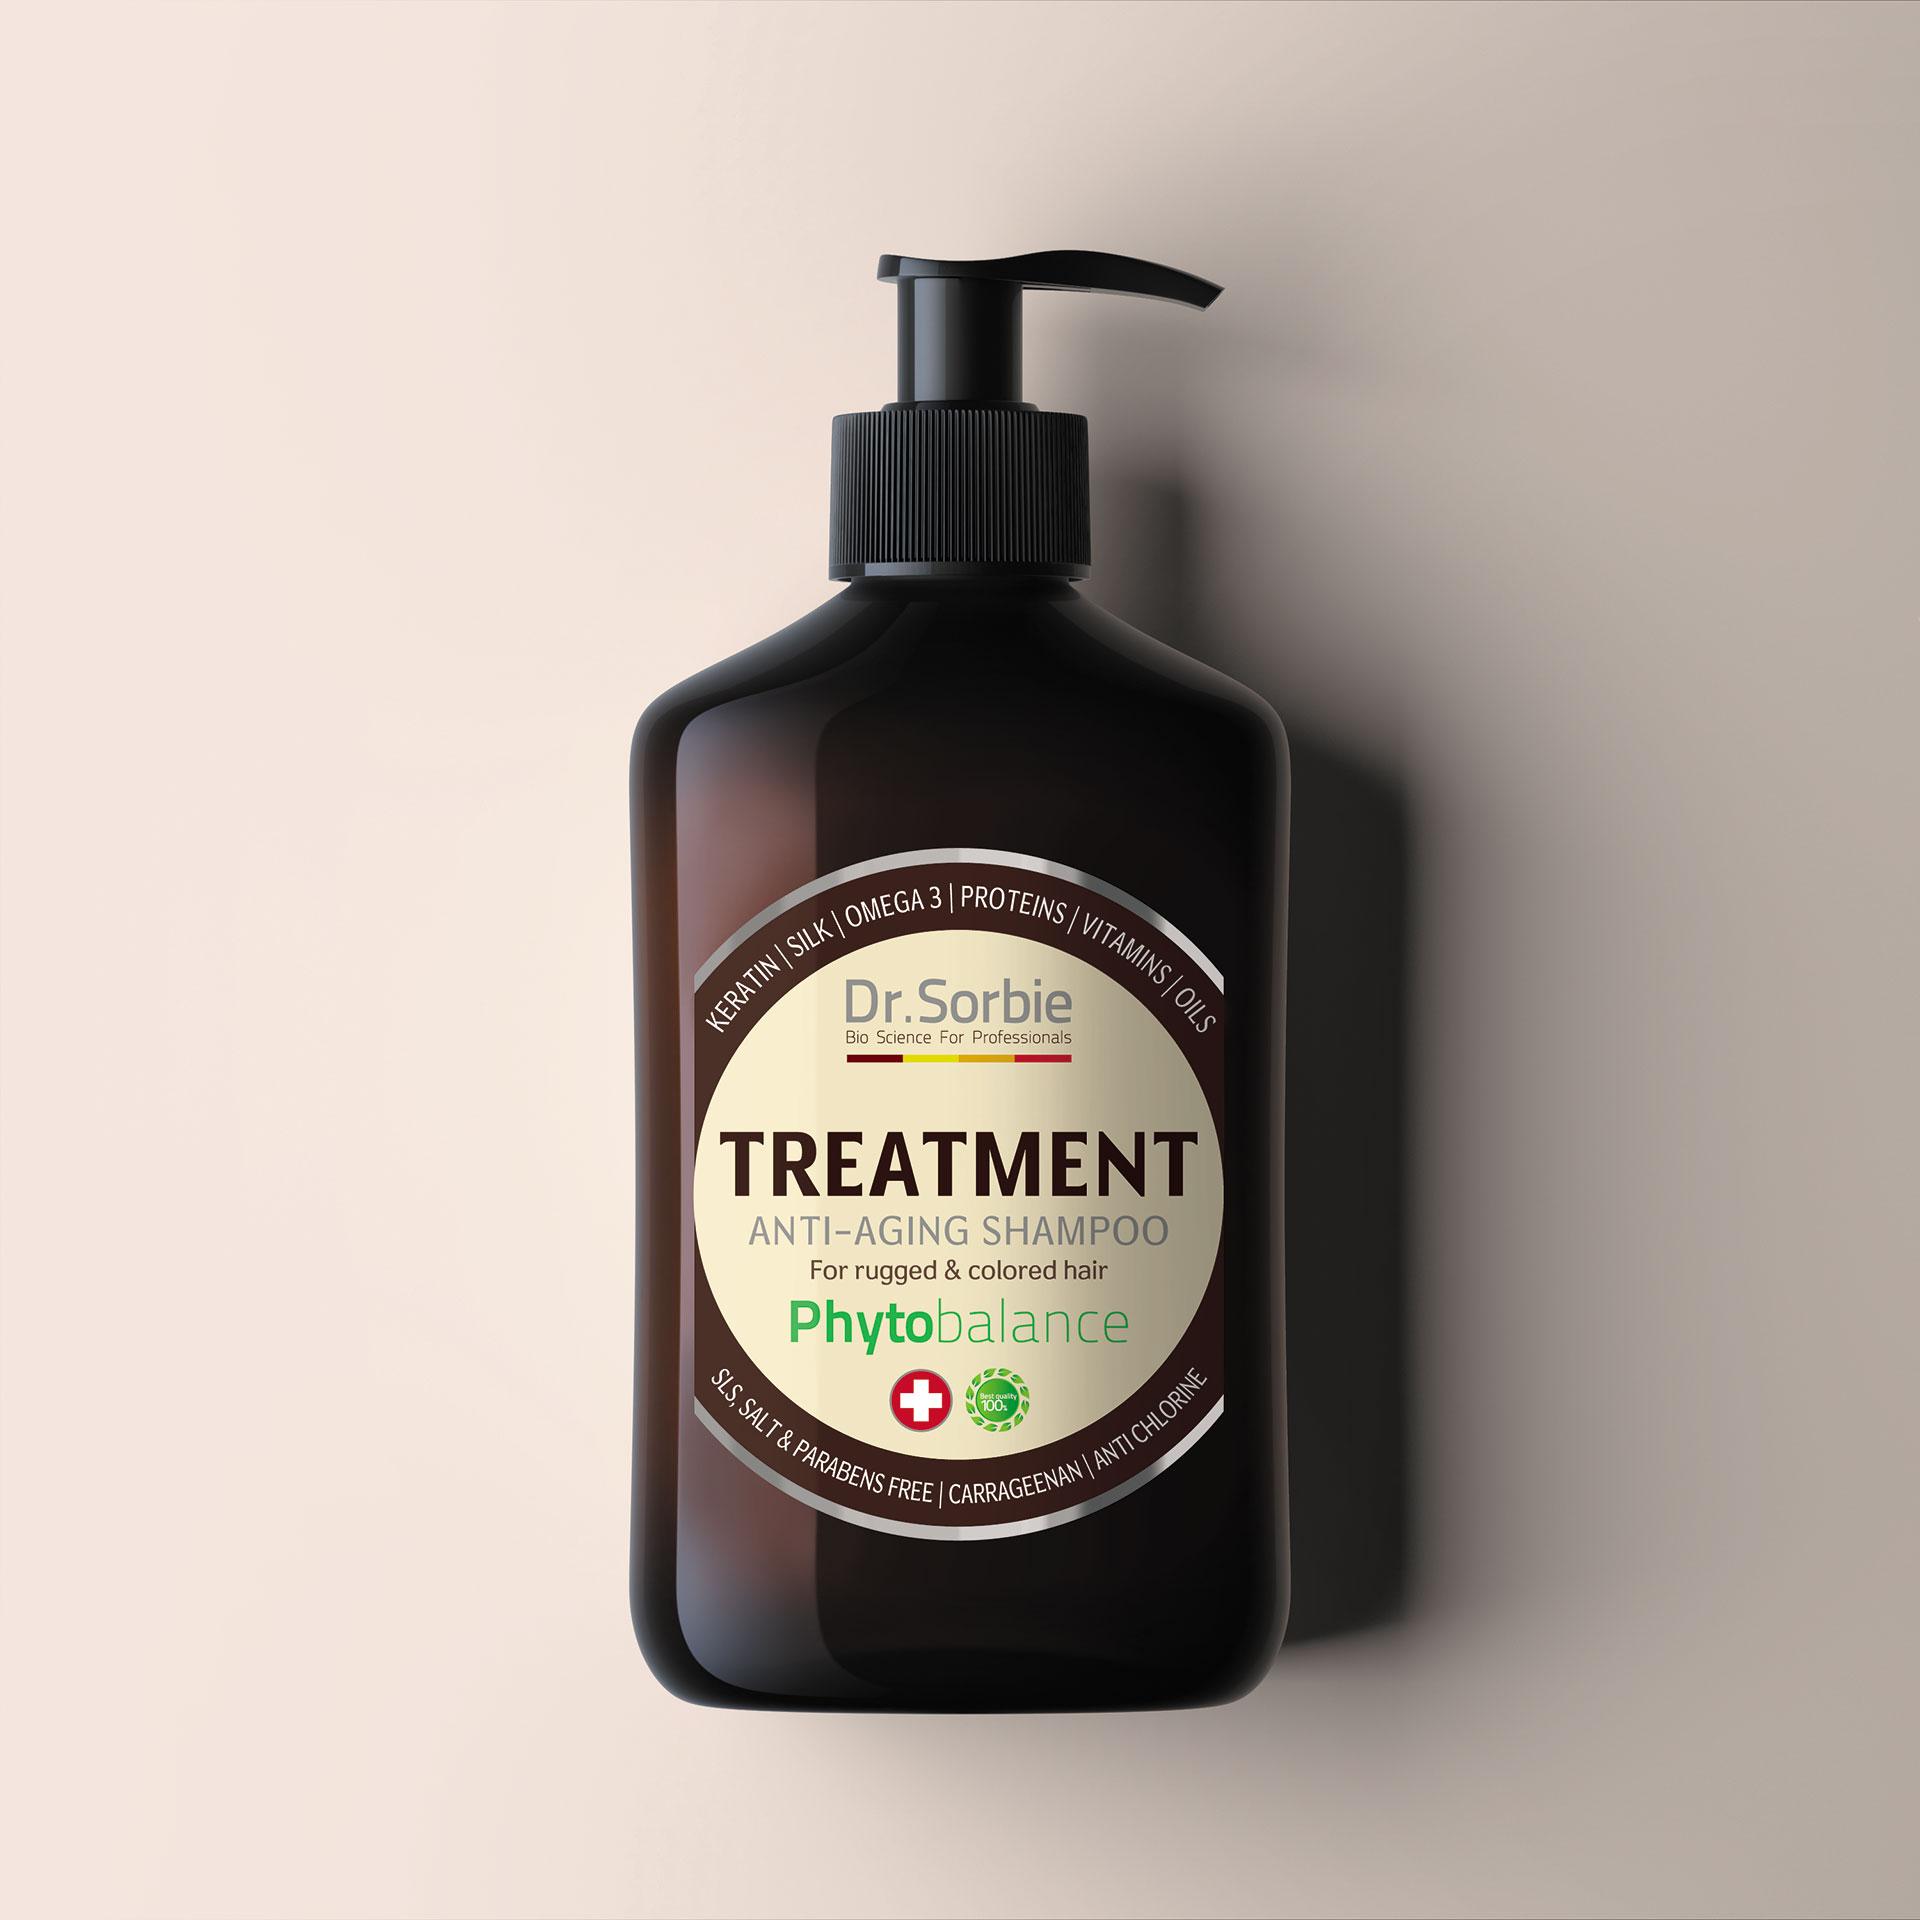 Treatment Shampoo Shampoo by Dr. Sorbie